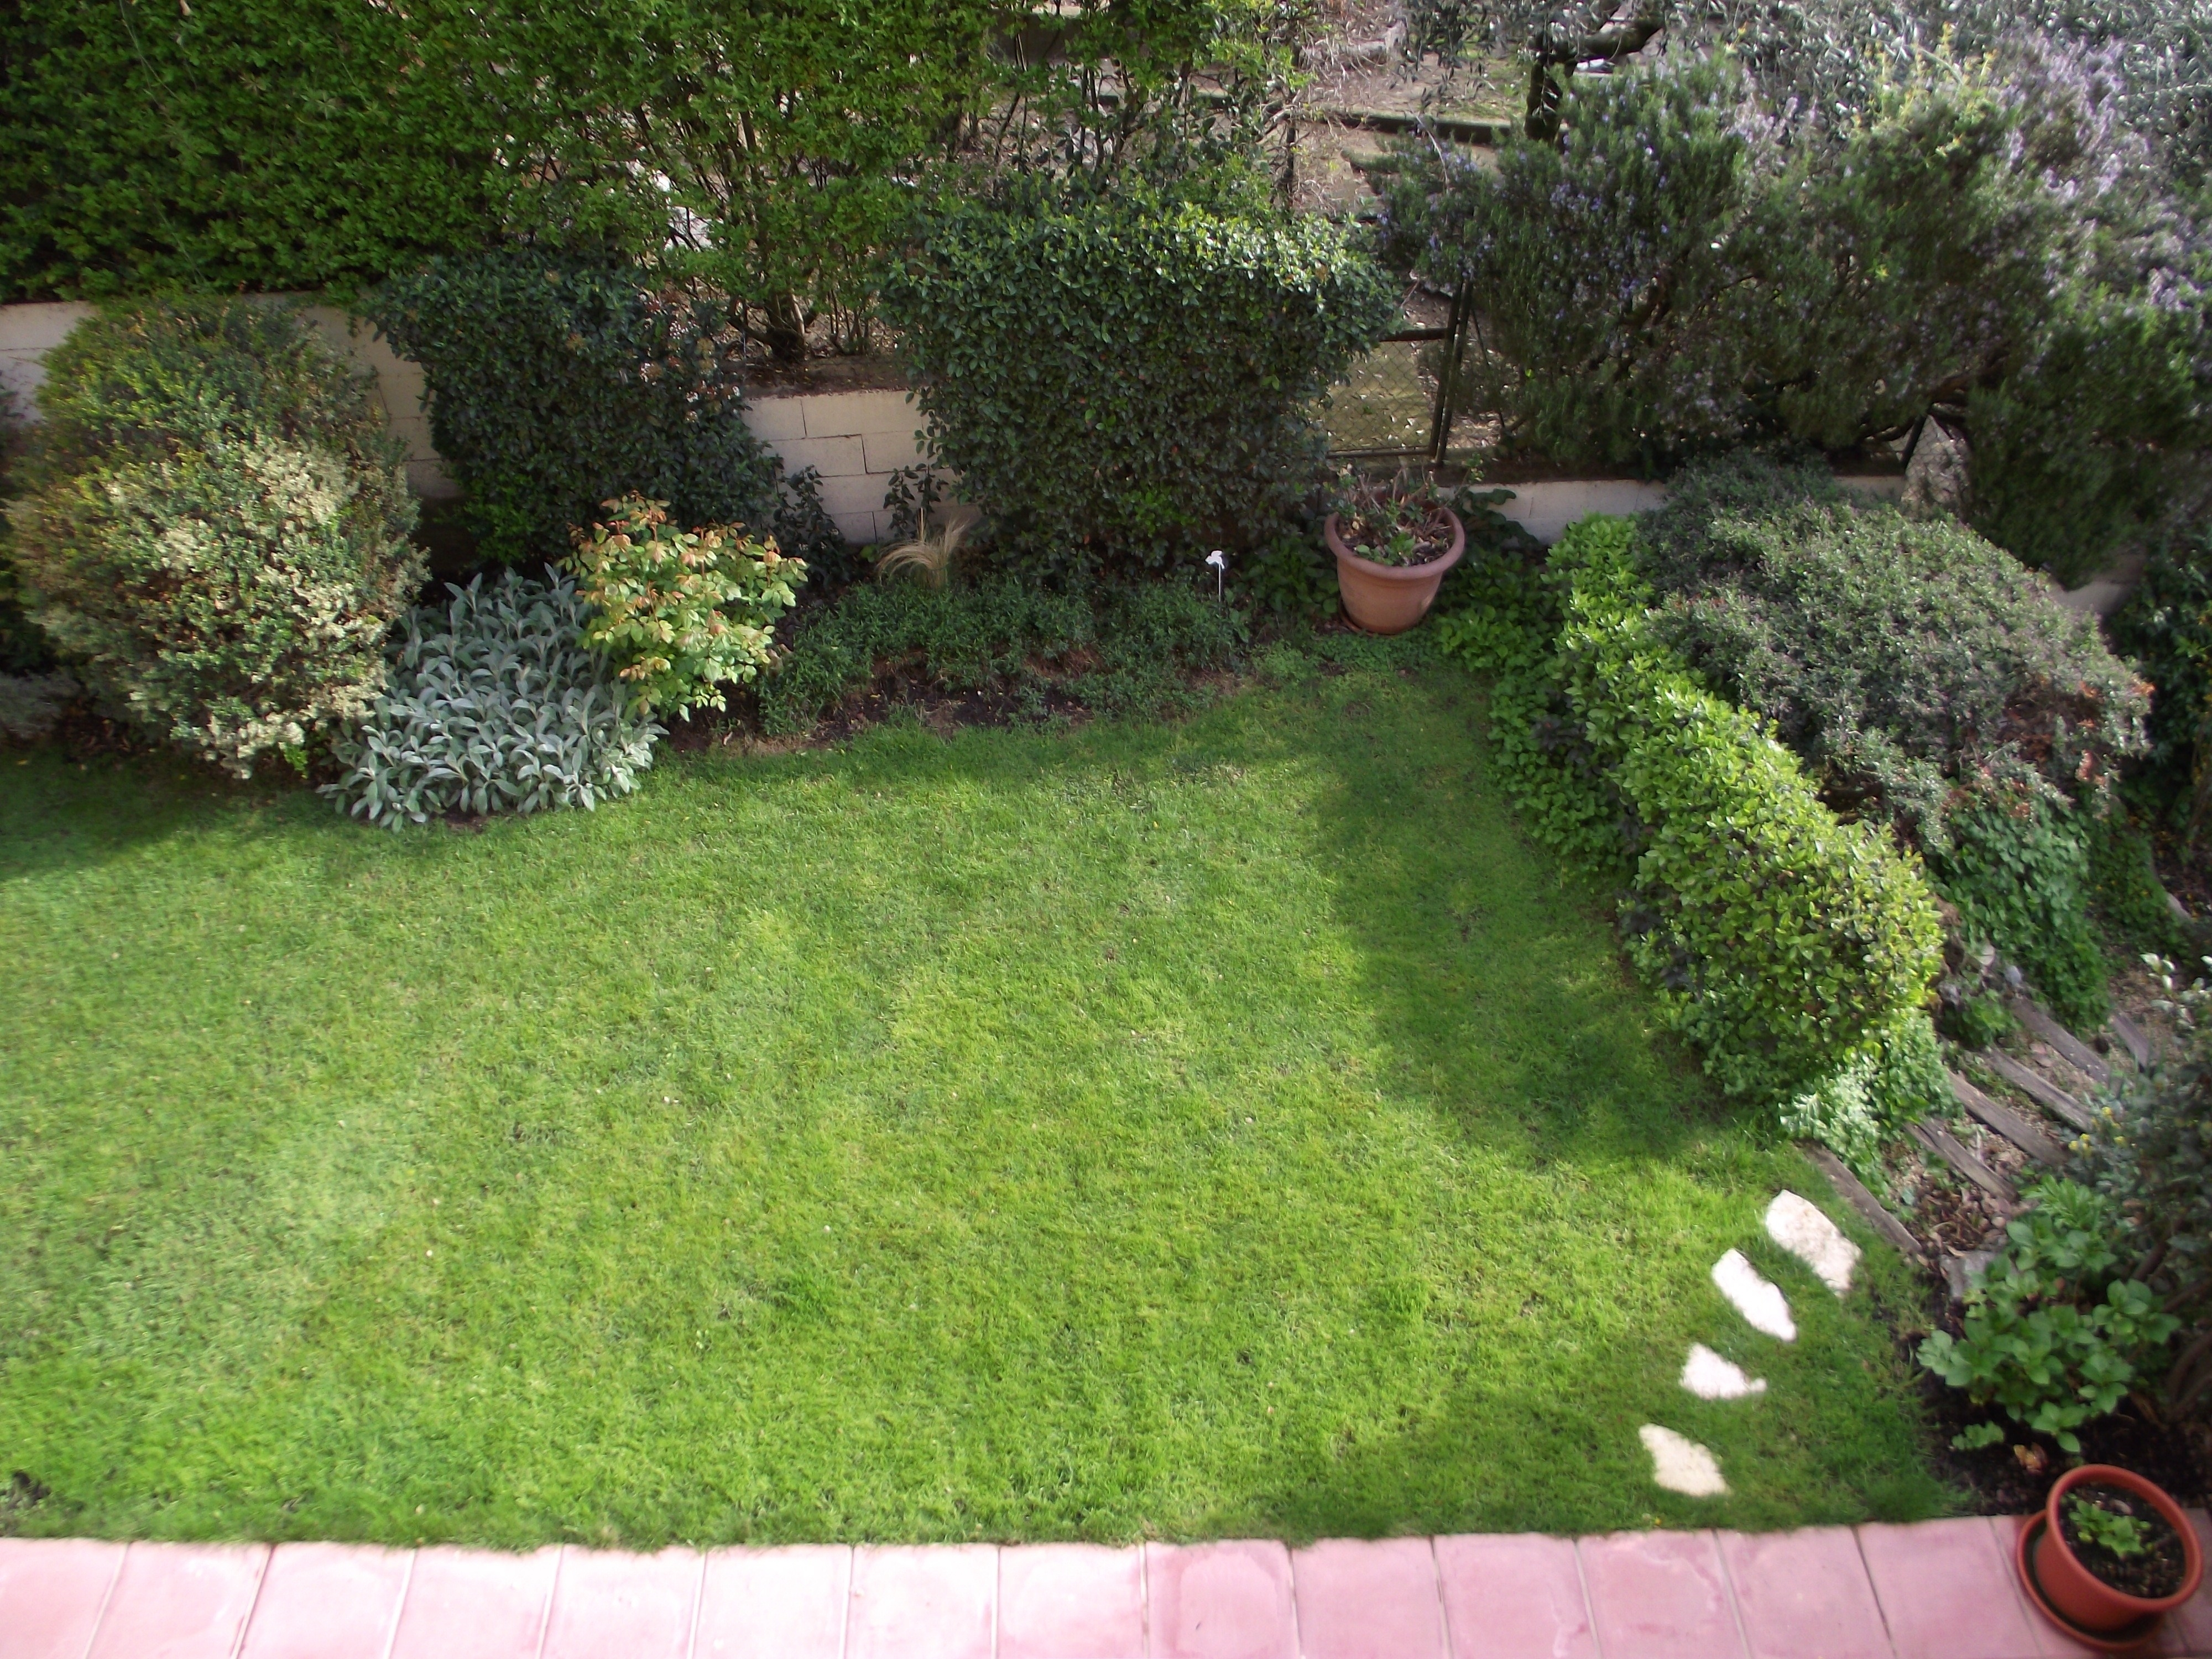 Idee Per Il Giardino Di Casa : Idee per il giardino di casa. idee giardino primavera idee per